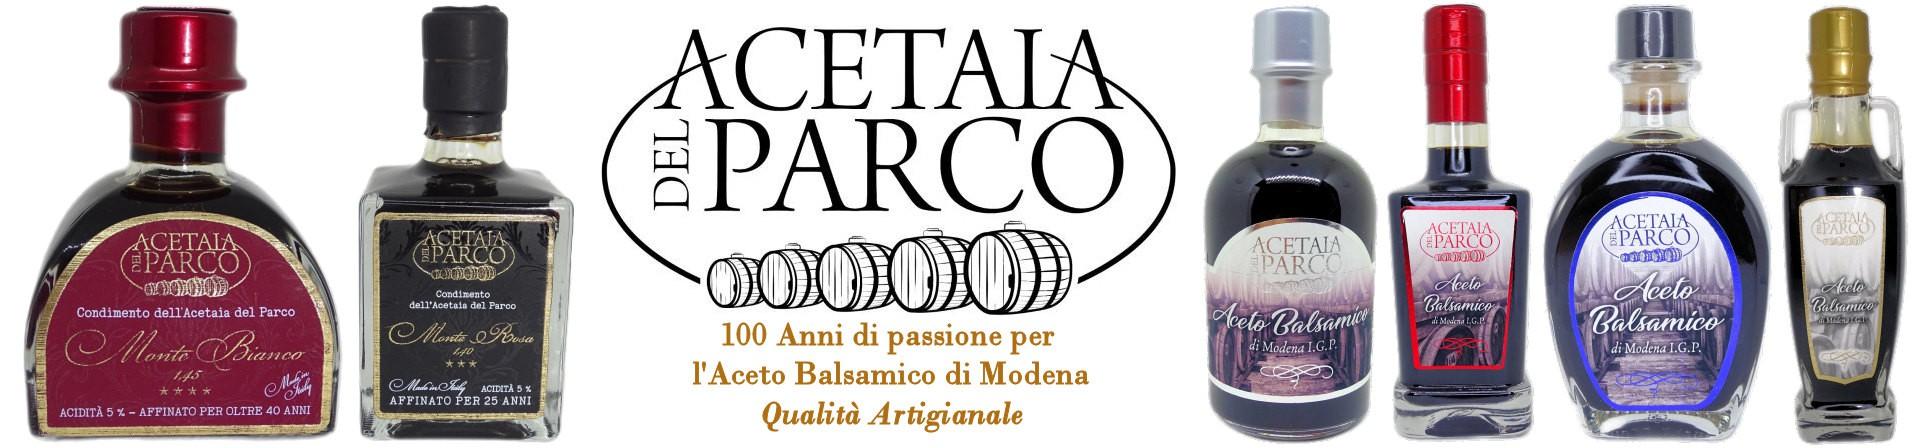 aceto balsamico di modena vendita online artigianale - Acetaia del Parco